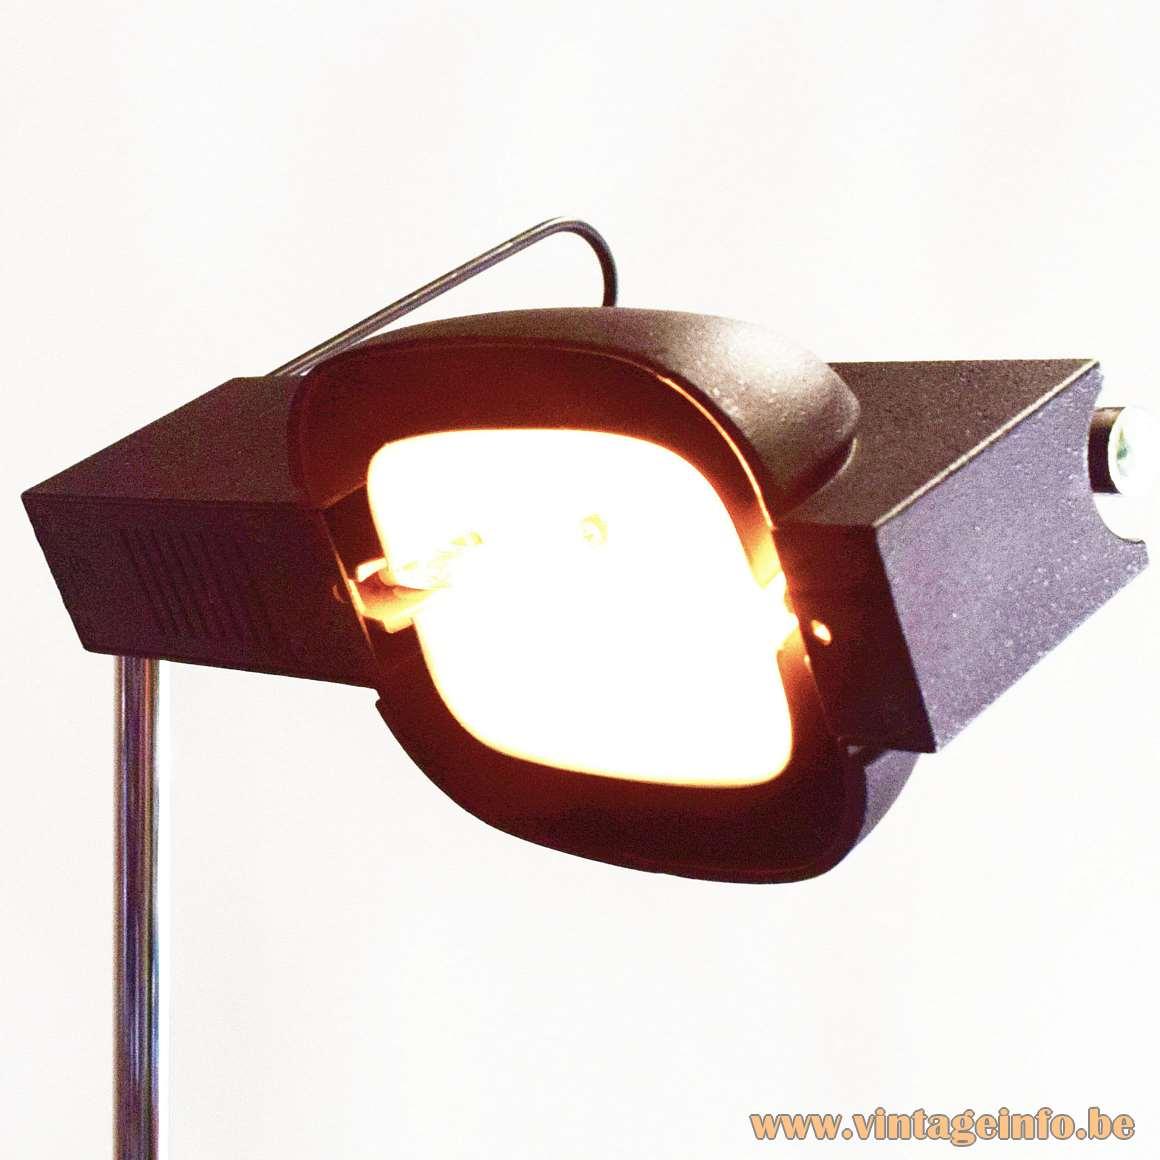 Artemide Camera Terra Floor Lamp - Halogen Spot